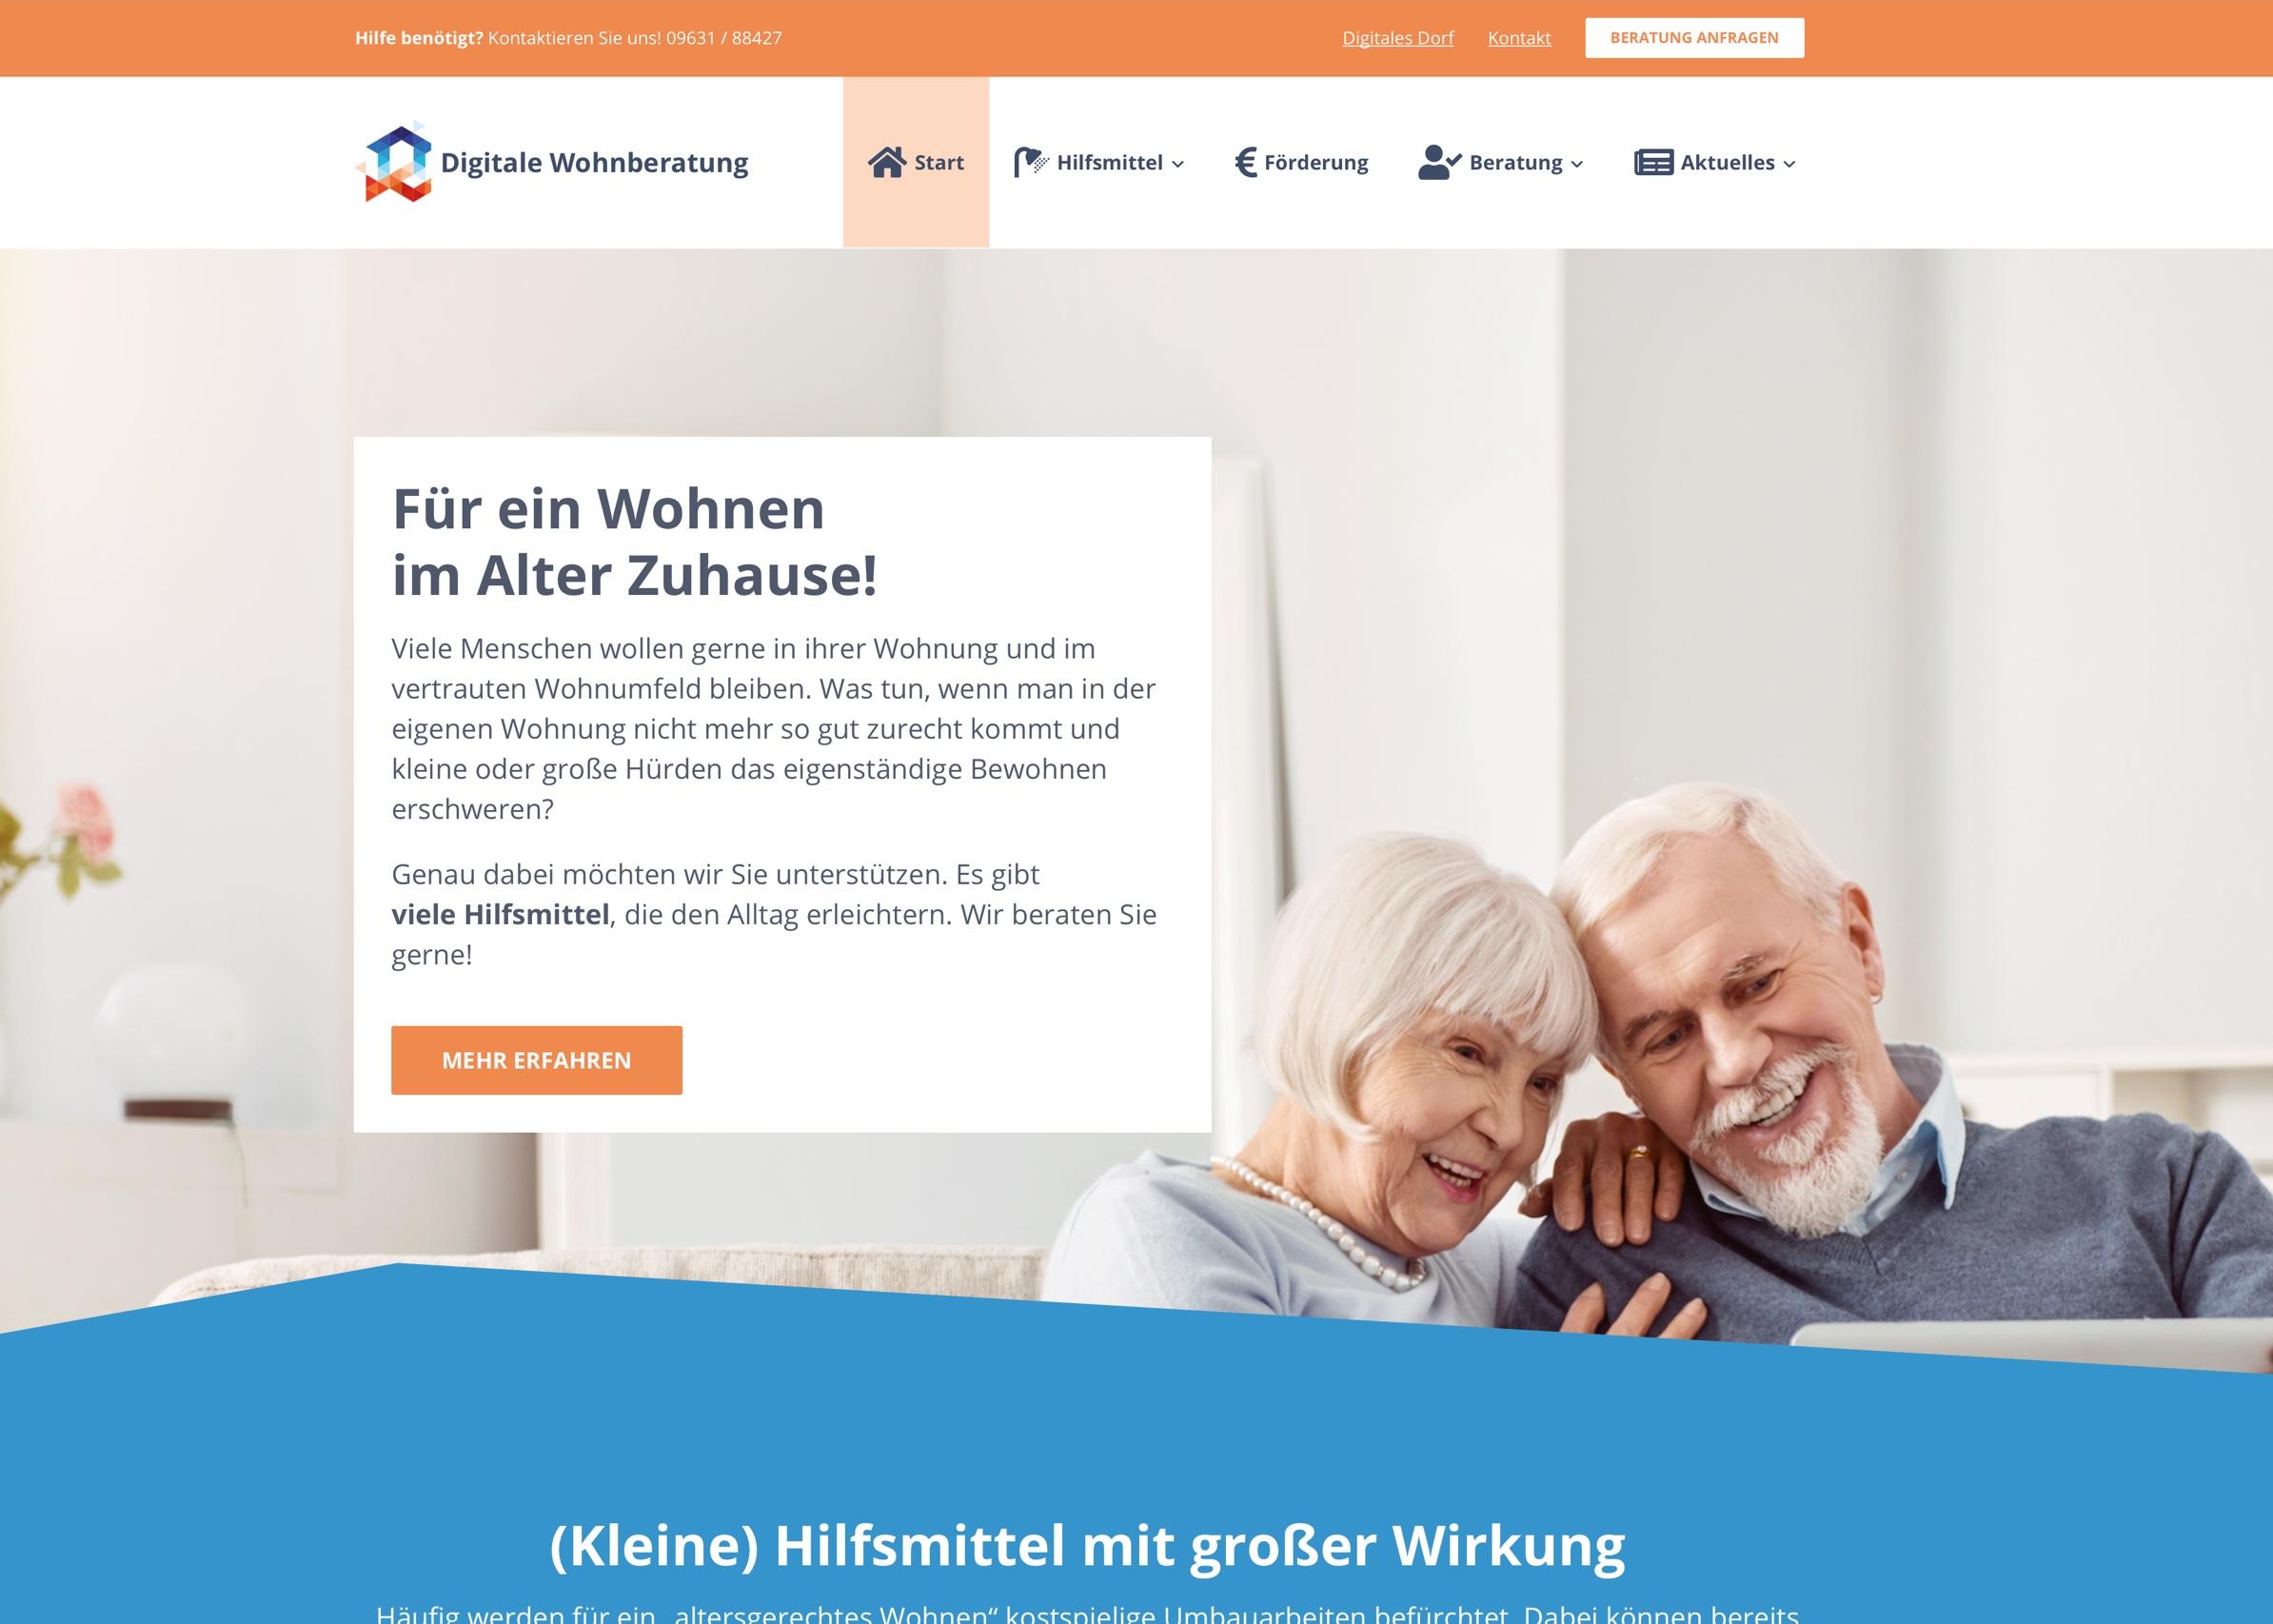 Startseite der Digitalen Wohnberatung